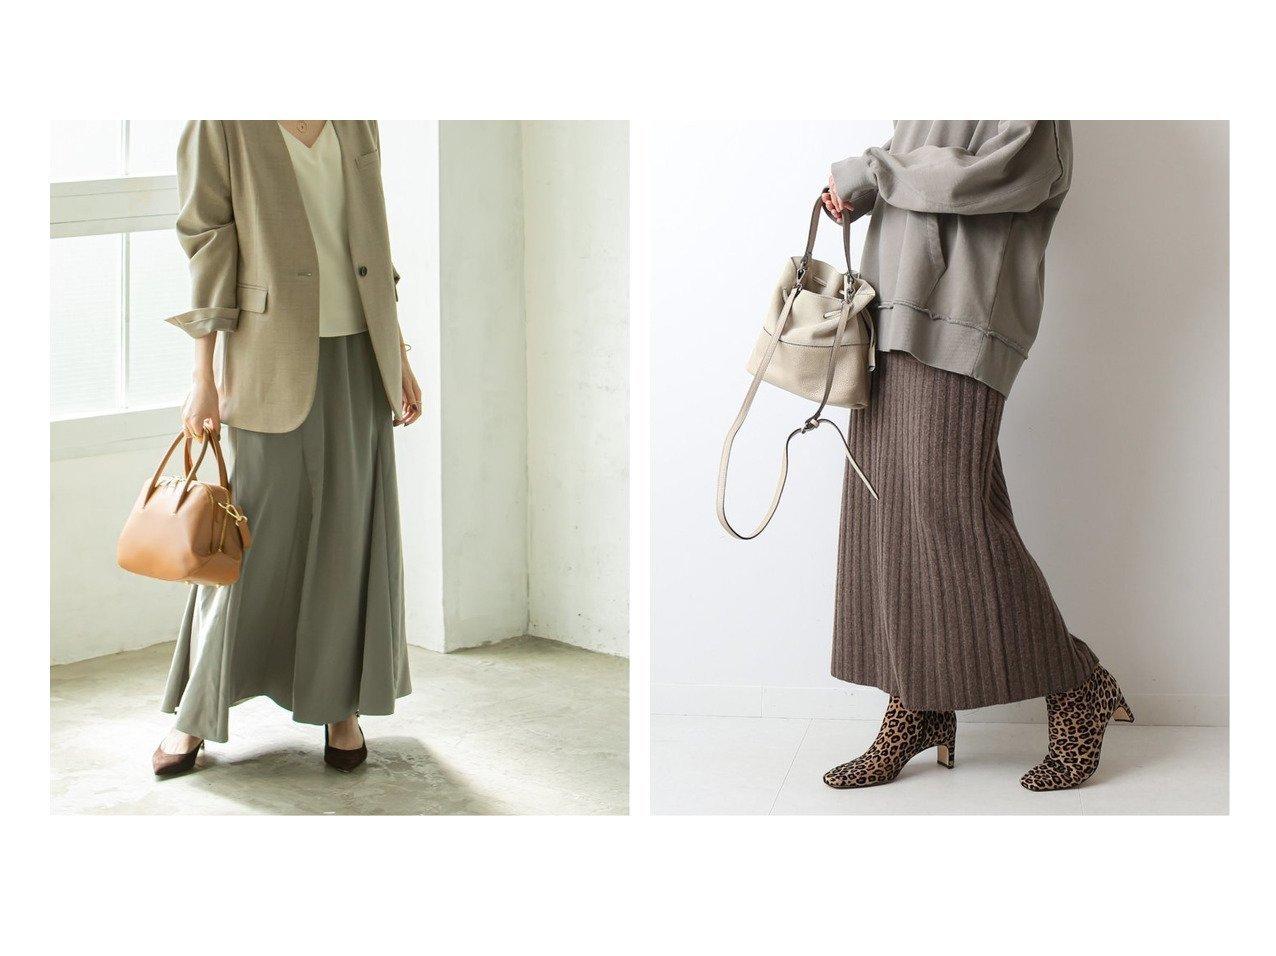 【FRAMeWORK/フレームワーク】のワイドリブポケット付き ニットスカート&【Spick & Span Noble/スピック&スパン ノーブル】のパネルソフトフレアースカート スカートのおすすめ!人気、レディースファッションの通販 おすすめで人気のファッション通販商品 インテリア・家具・キッズファッション・メンズファッション・レディースファッション・服の通販 founy(ファニー) https://founy.com/ ファッション Fashion レディース WOMEN スカート Skirt 秋冬 A/W Autumn/ Winter リラックス ロング ショート セットアップ タイトスカート フロント ポケット |ID:crp329100000003021